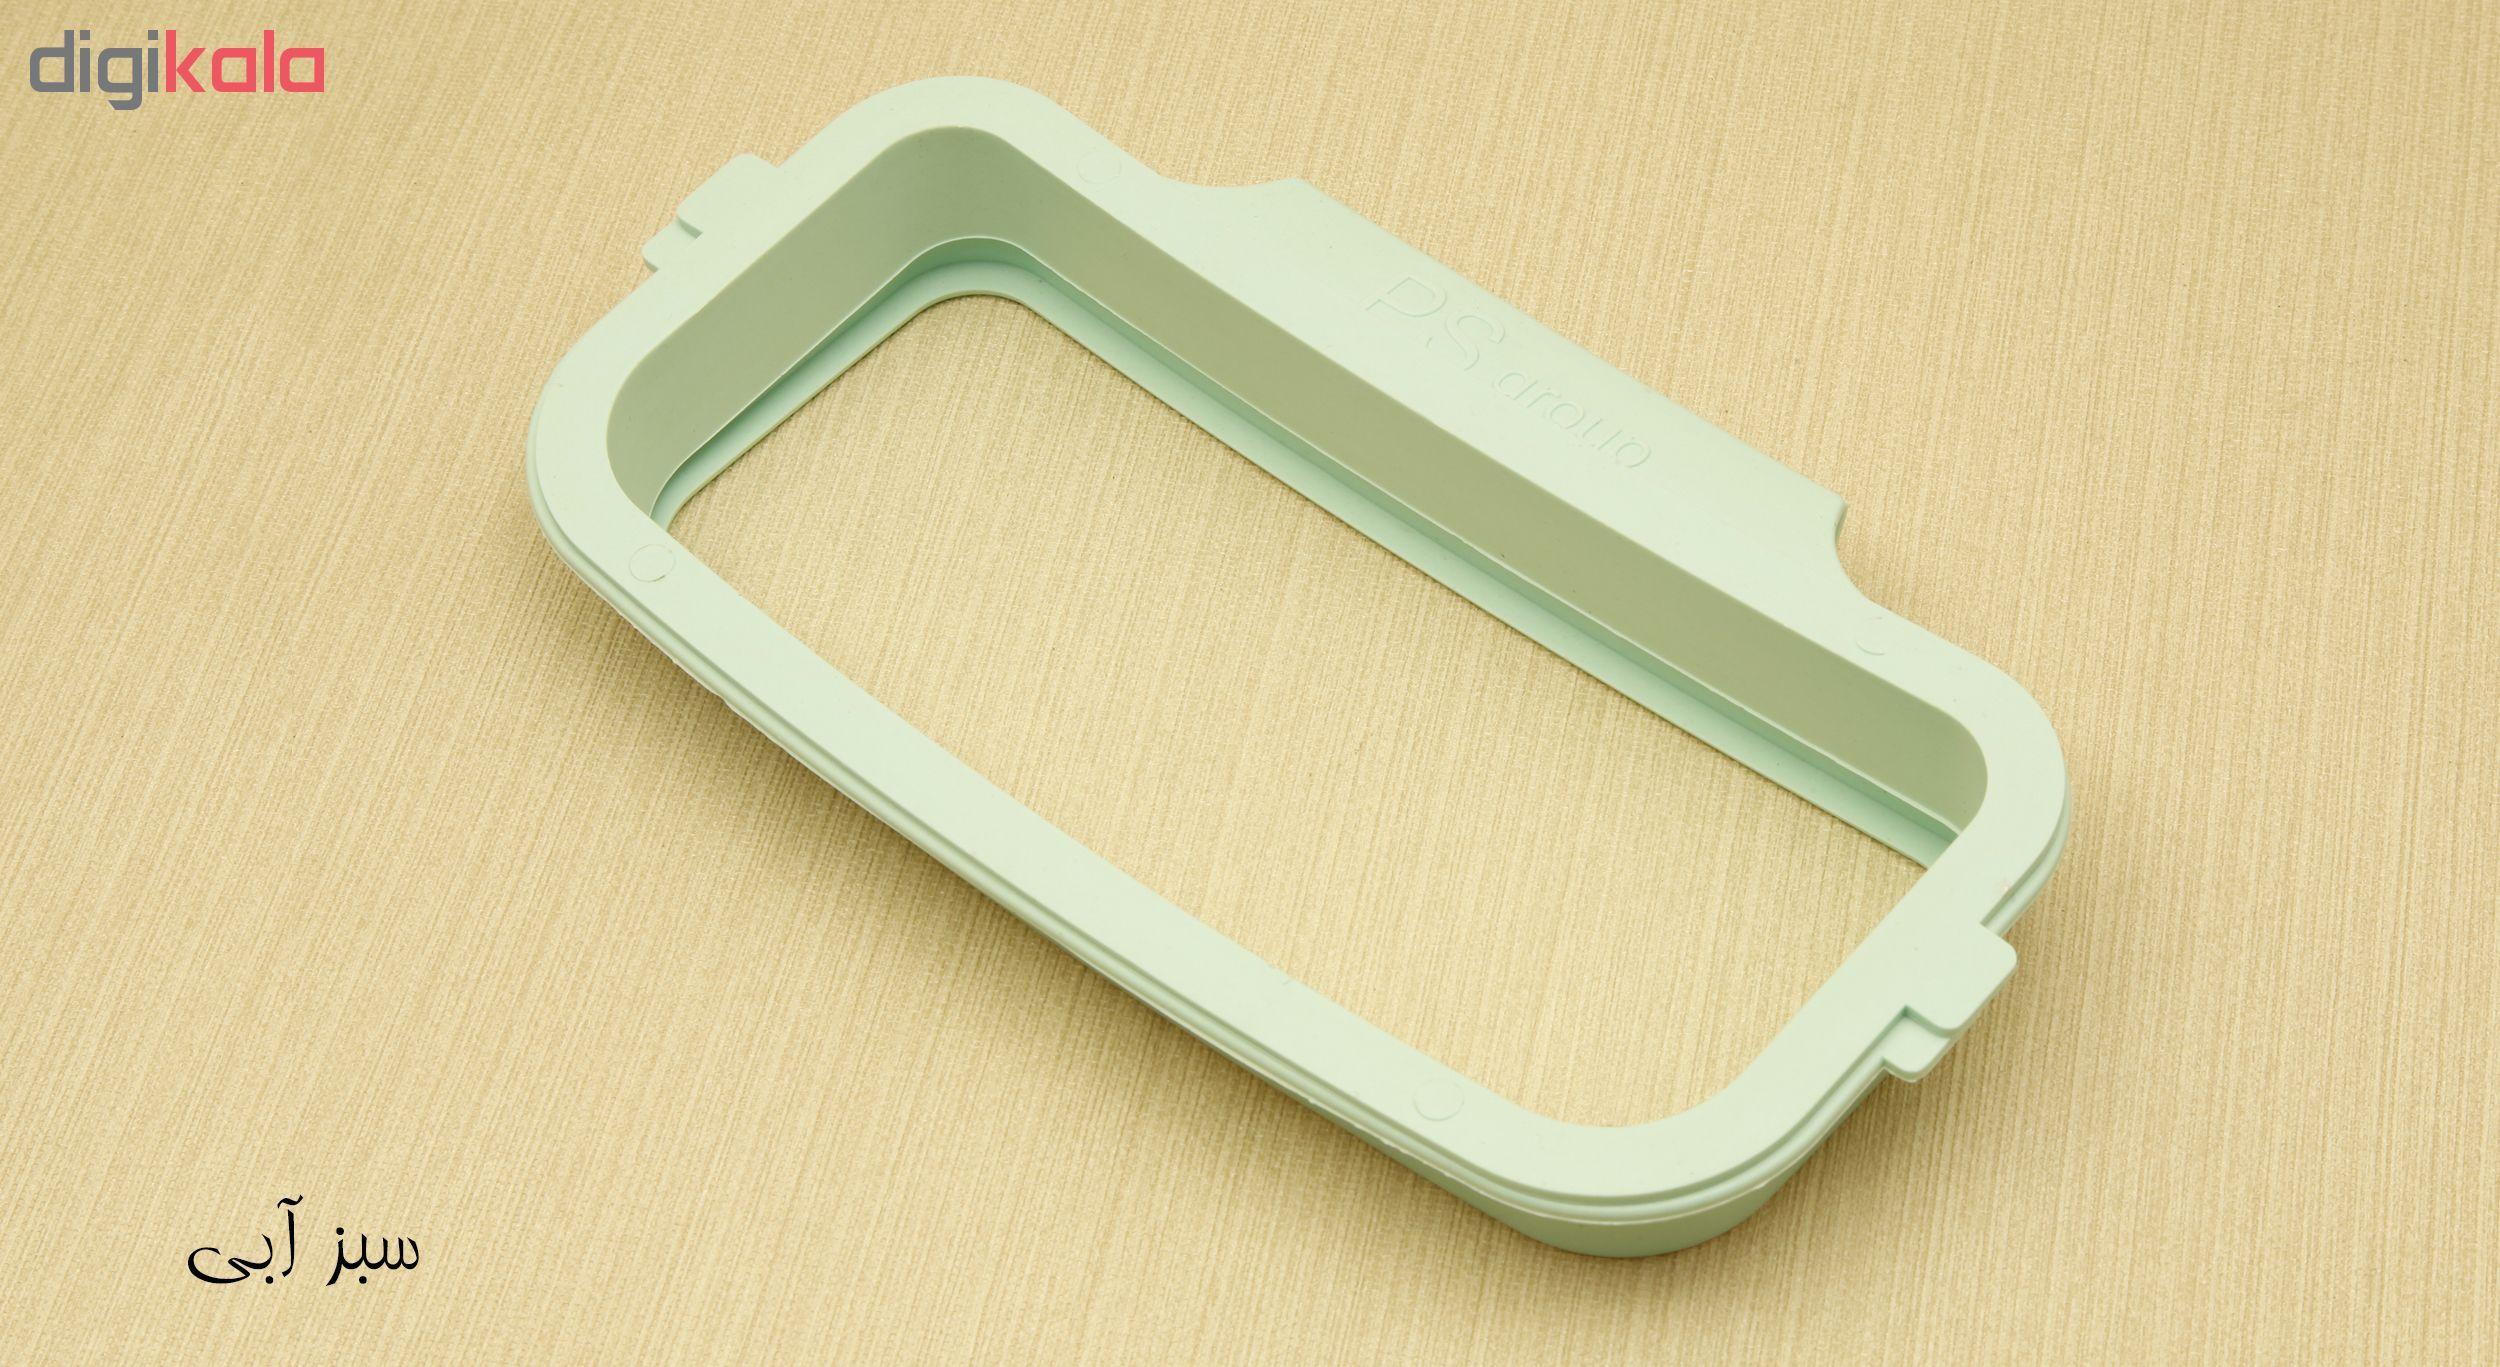 آویز کیسه زباله کابینتی مدل Garbin01 main 1 15